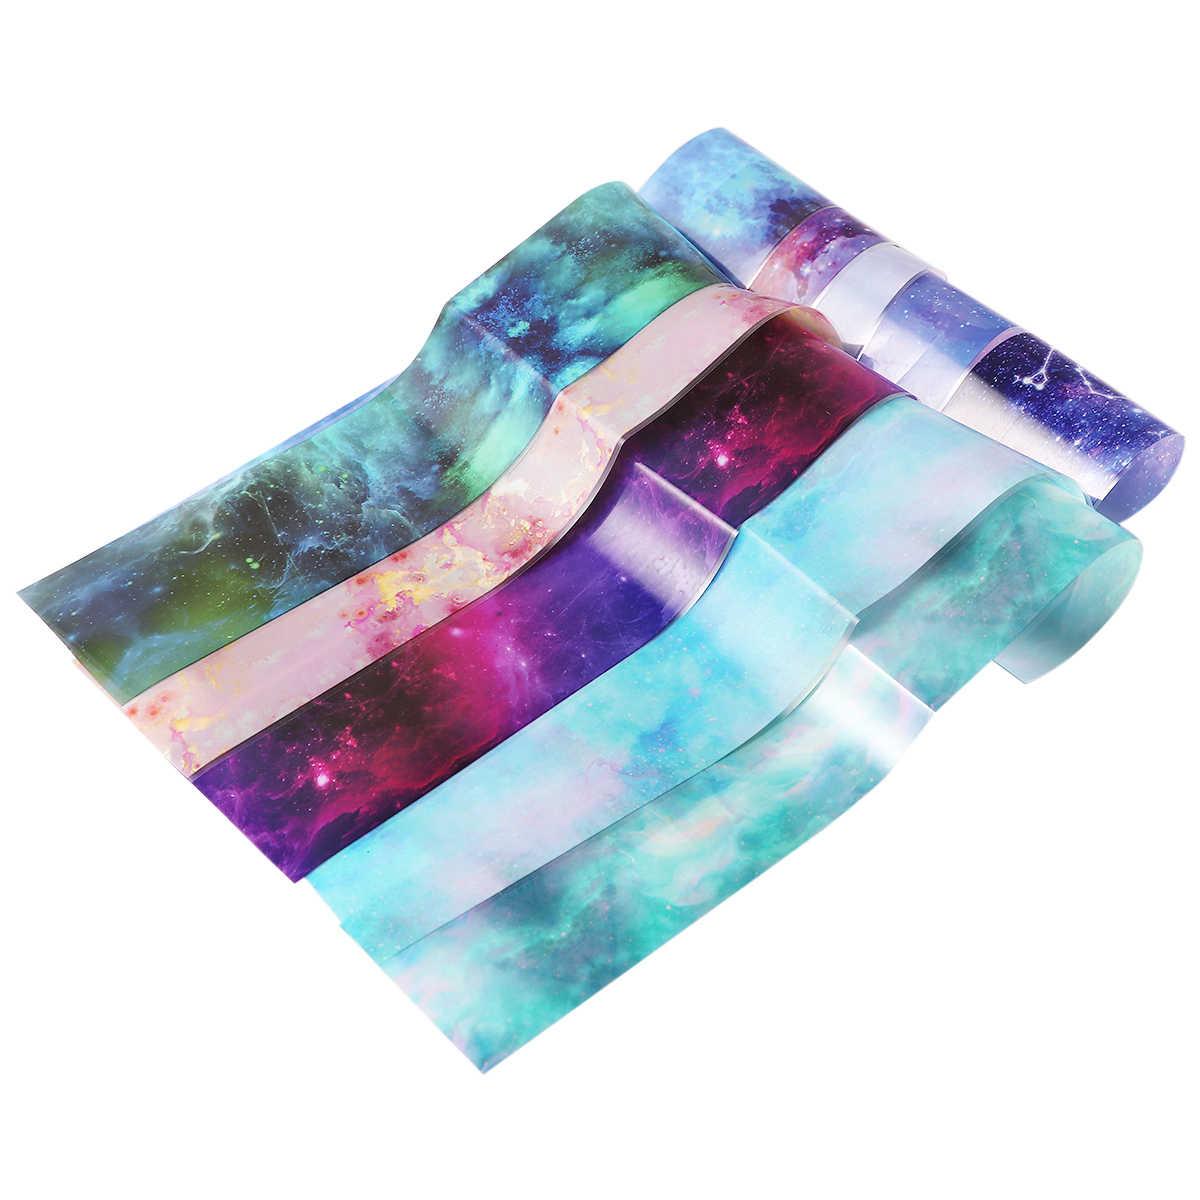 10 ชิ้น/เซ็ตเล็บ Foils สติกเกอร์เล็บ Marble Shining Stone Designs สติกเกอร์ Starry Sky กาว Wraps Decals